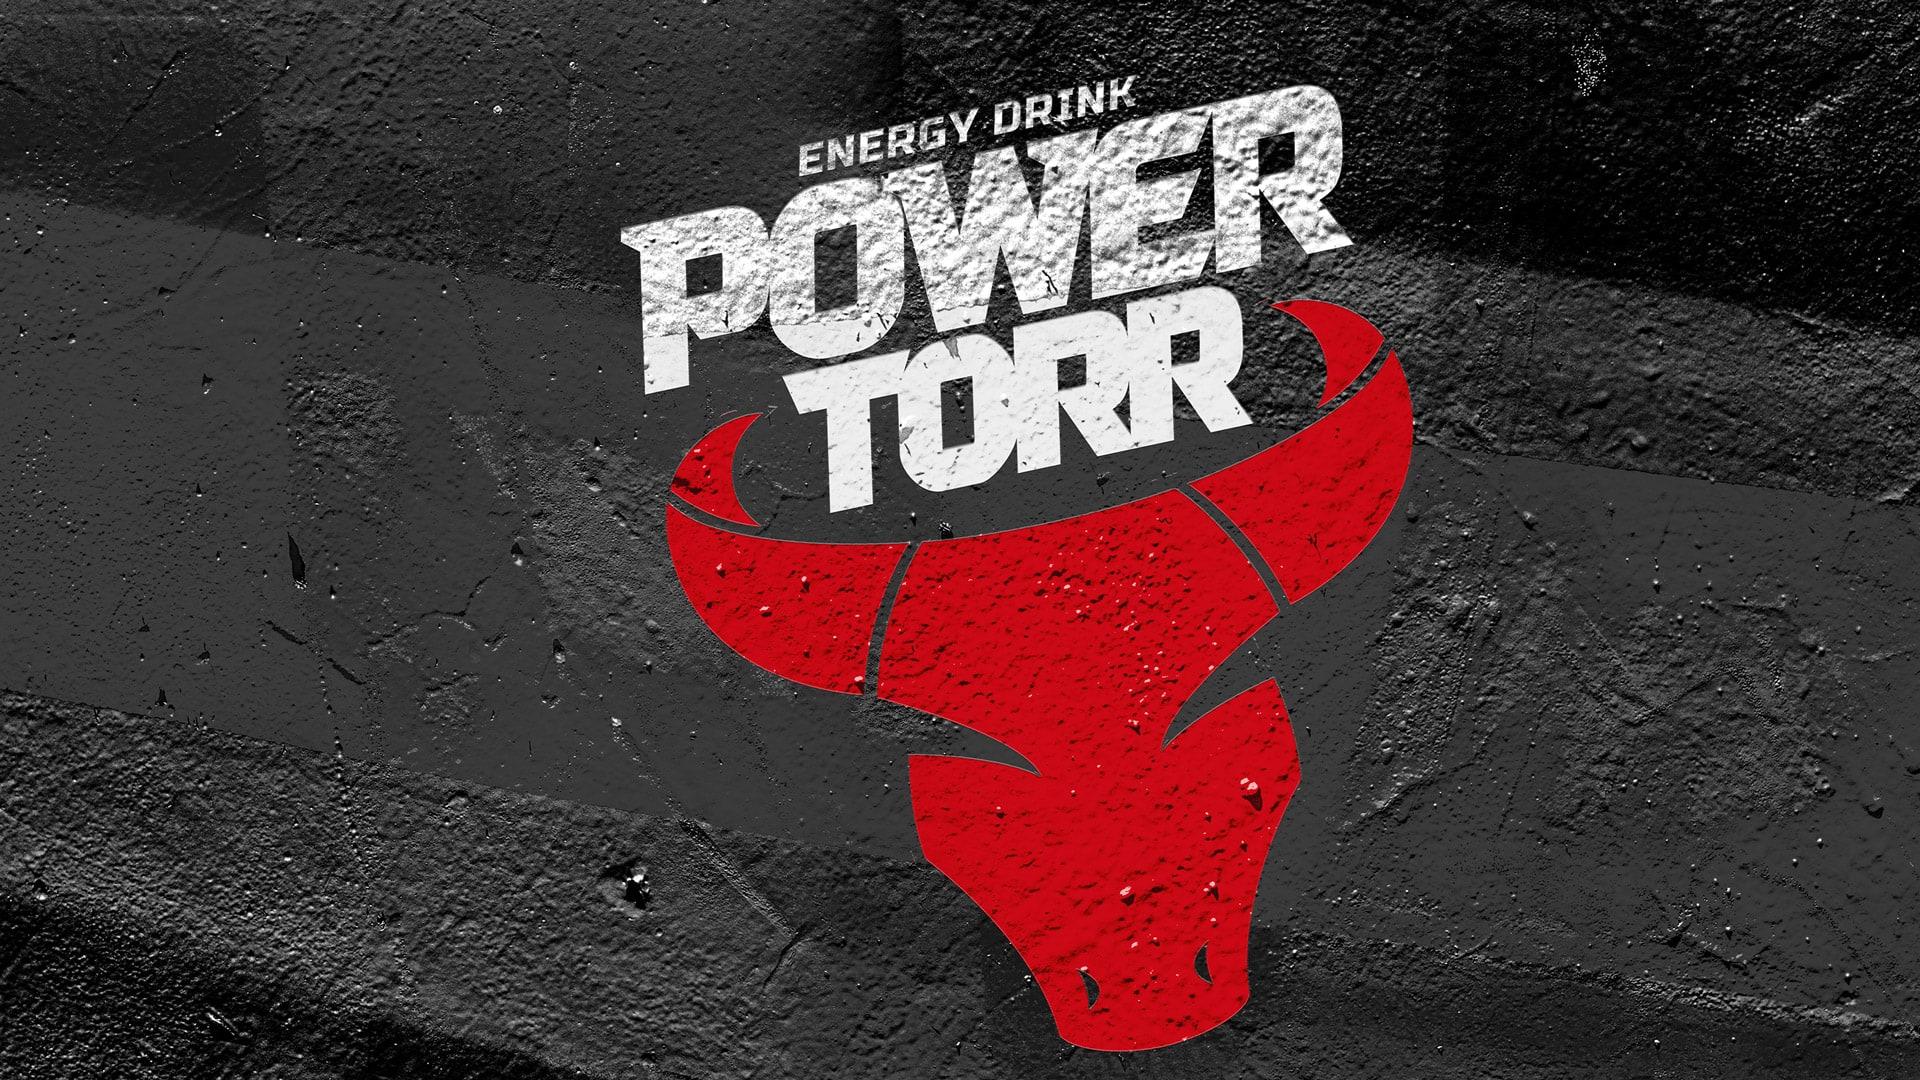 Энергетический напиток Power Torr